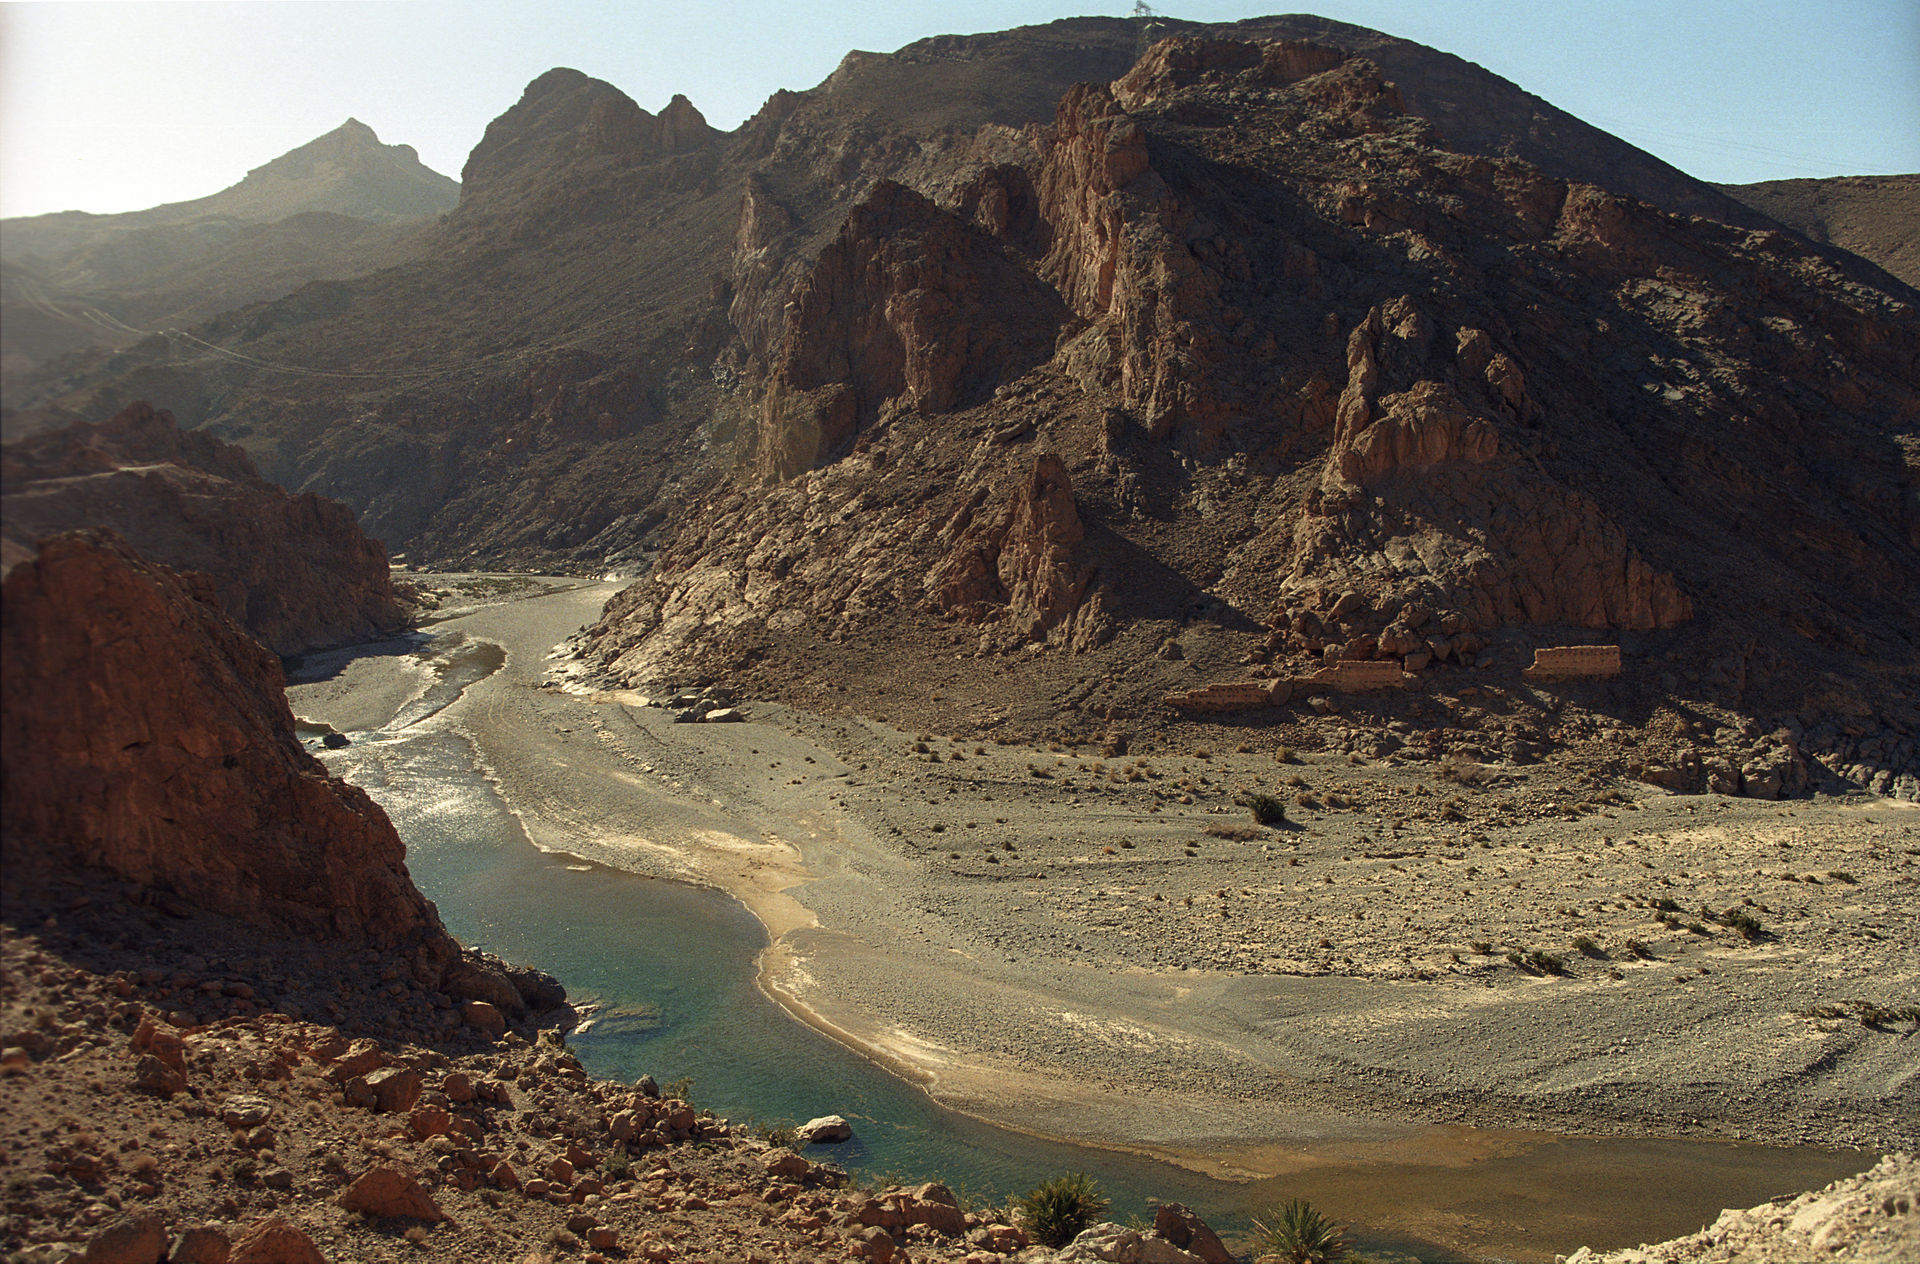 Wadi Nahr Zīz , Tafilalet qui fut un centre commercial important pendant de nombreux siècles; porte principale du Sahara, il a servi de lieu d'échange entre le Nord et l'extrême Sud. C'est par cette région que s'effectuait le transit de l'or, des épices, du sel et des esclaves provenant du